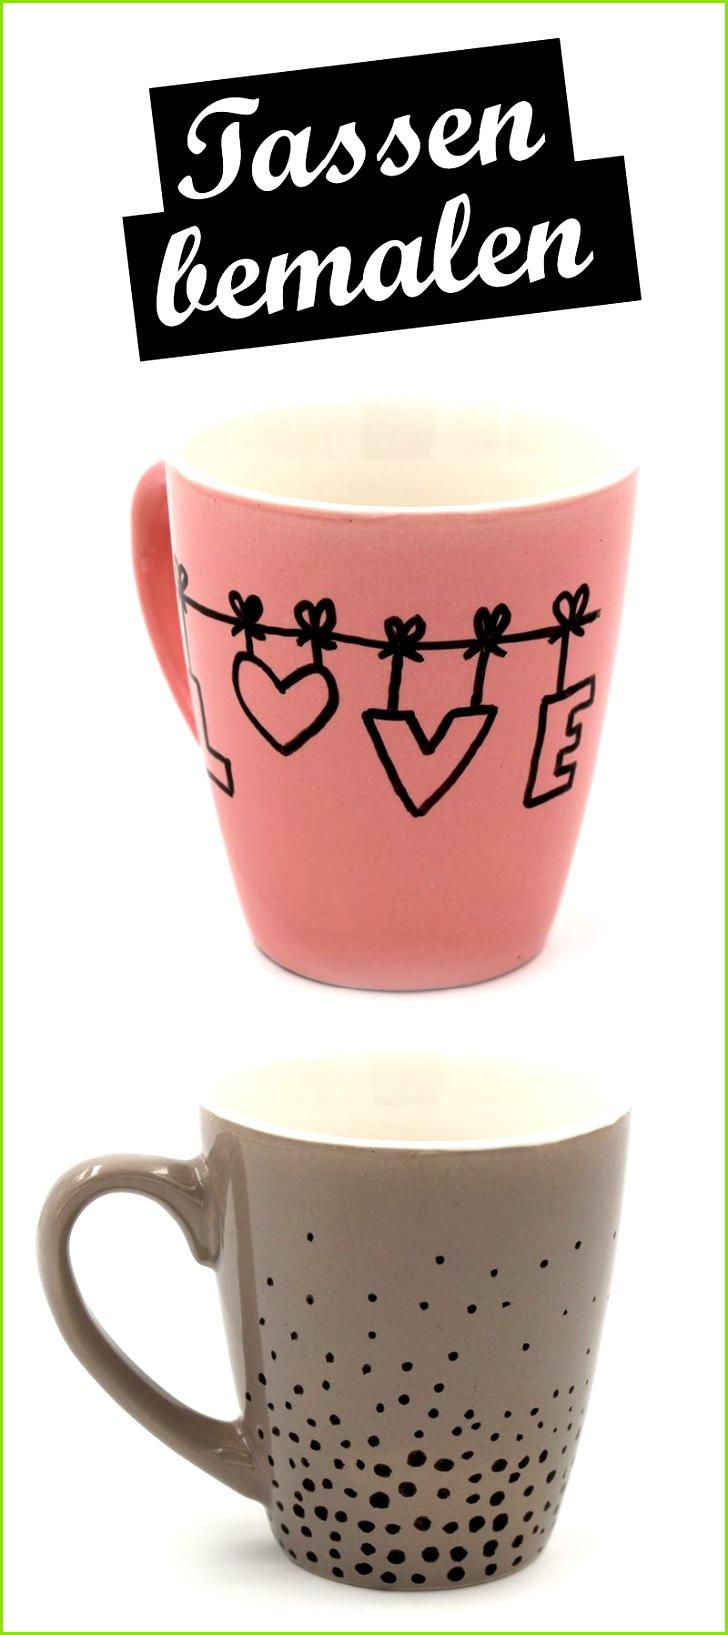 DIY Tassen selbst bemalen mit Porzellan Stiften Einfache Motive und Anleitungen DIY Keramik gestalten Schöne Bastelideen zum verschenken und selber